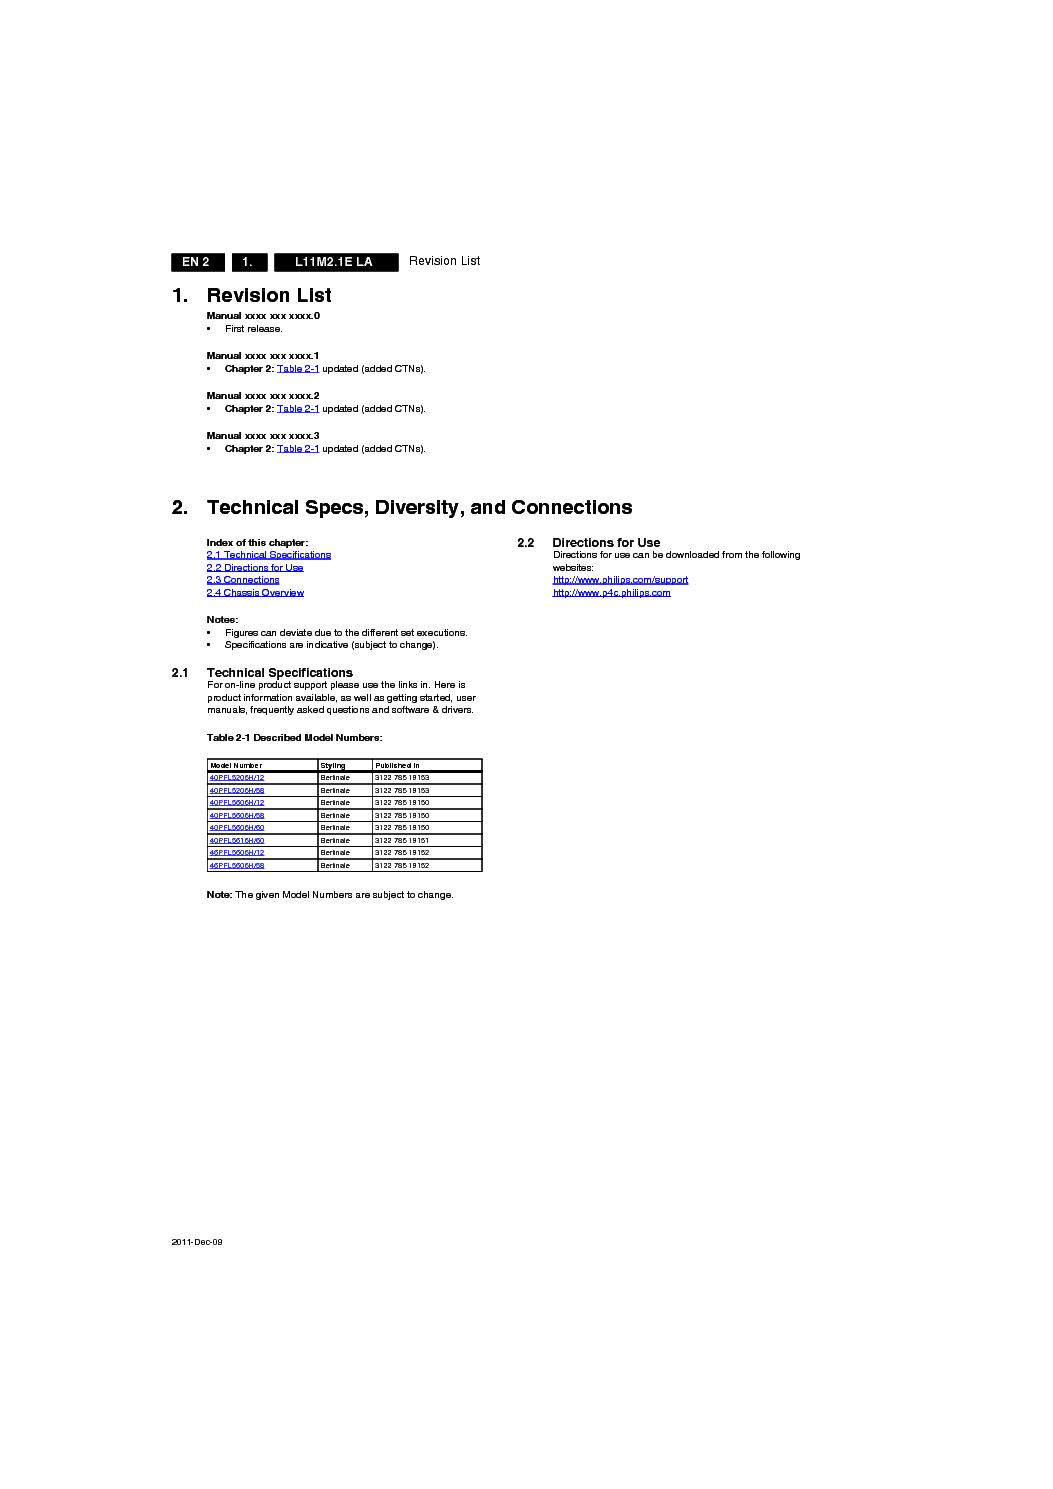 Philips 40pfl5606h Chassis L11m2 1e La Service Manual Download  Schematics  Eeprom  Repair Info